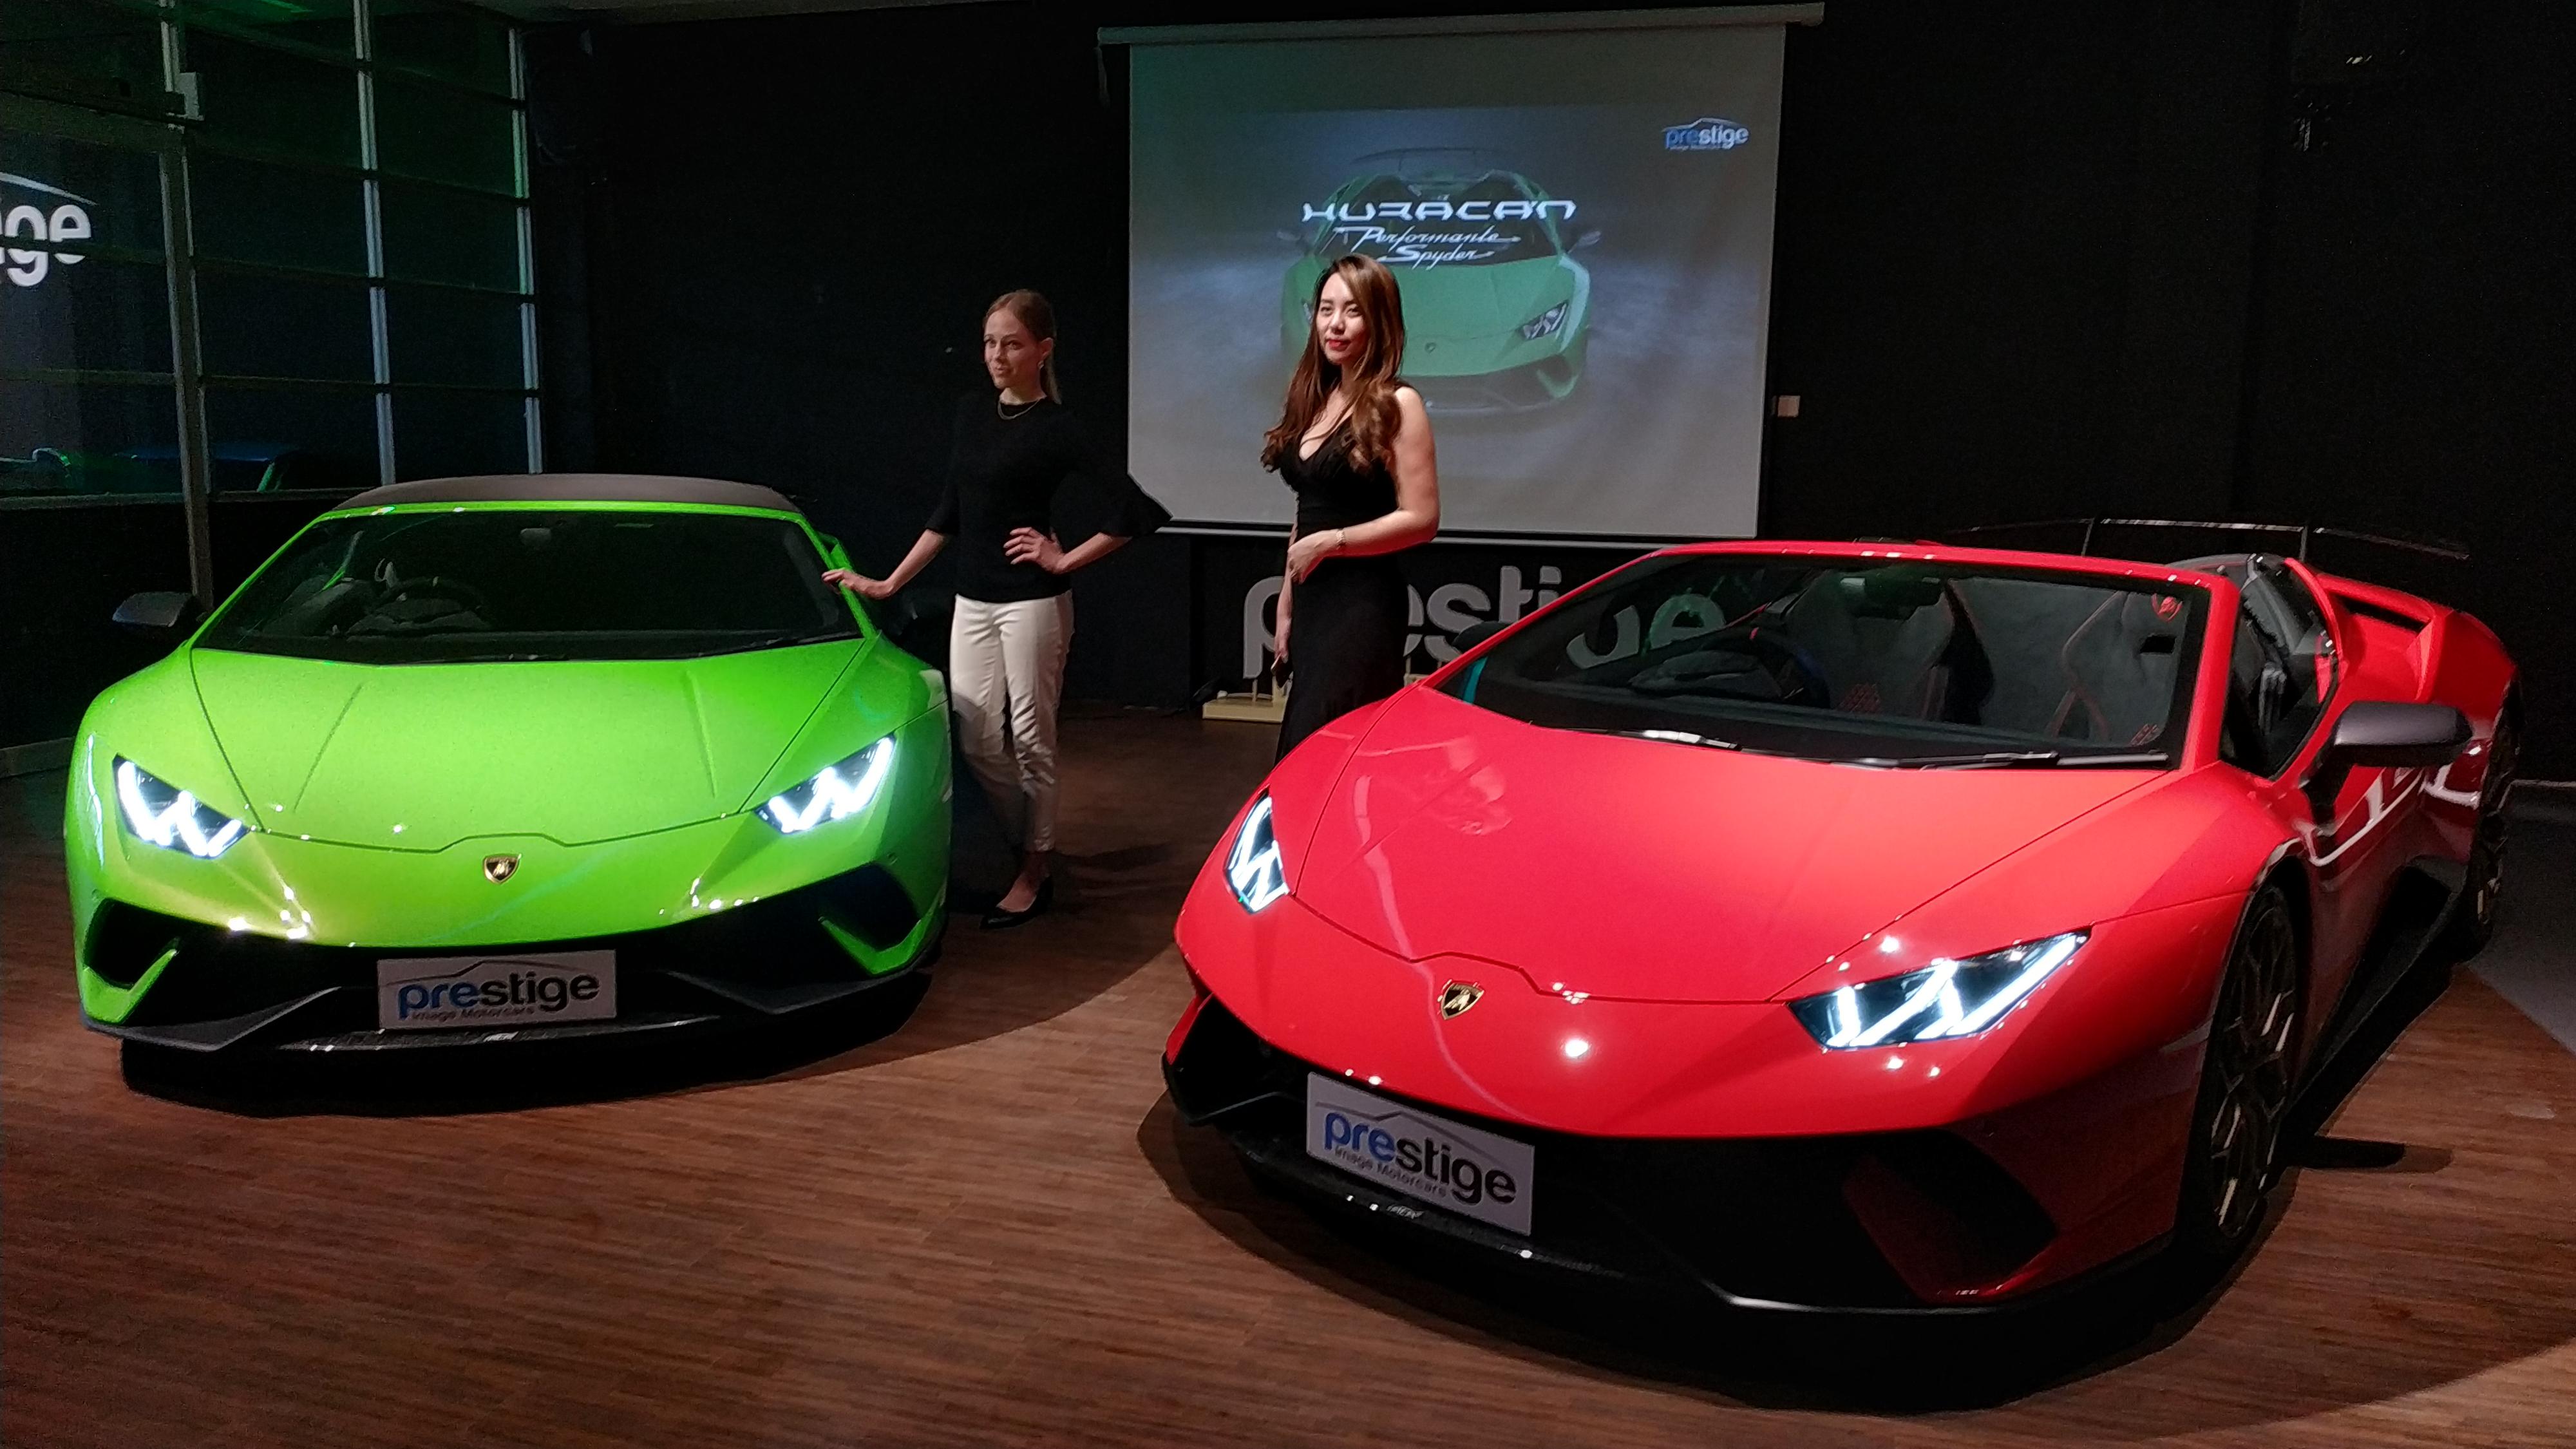 Lamborghini Jual 7 430 Mobil Sepanjang 2020 Turun Cuma 9